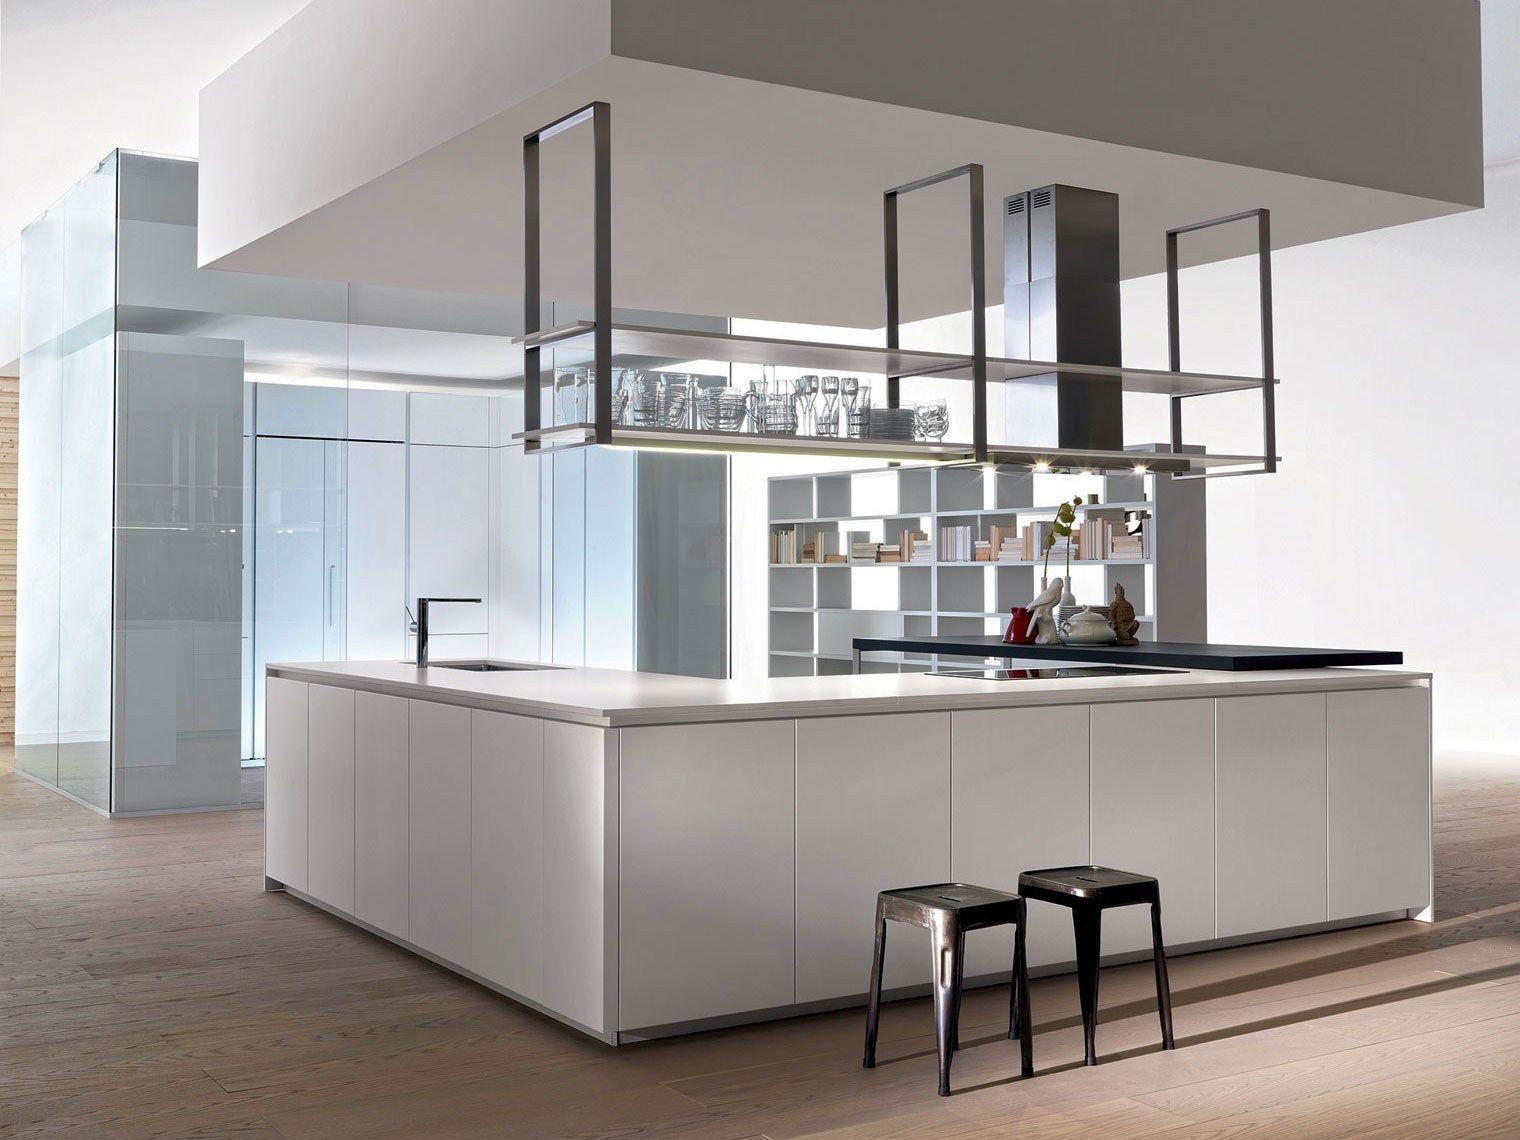 Cucina con isola senza maniglie HI-LINE 6/HI-LINE by DADA | design ...